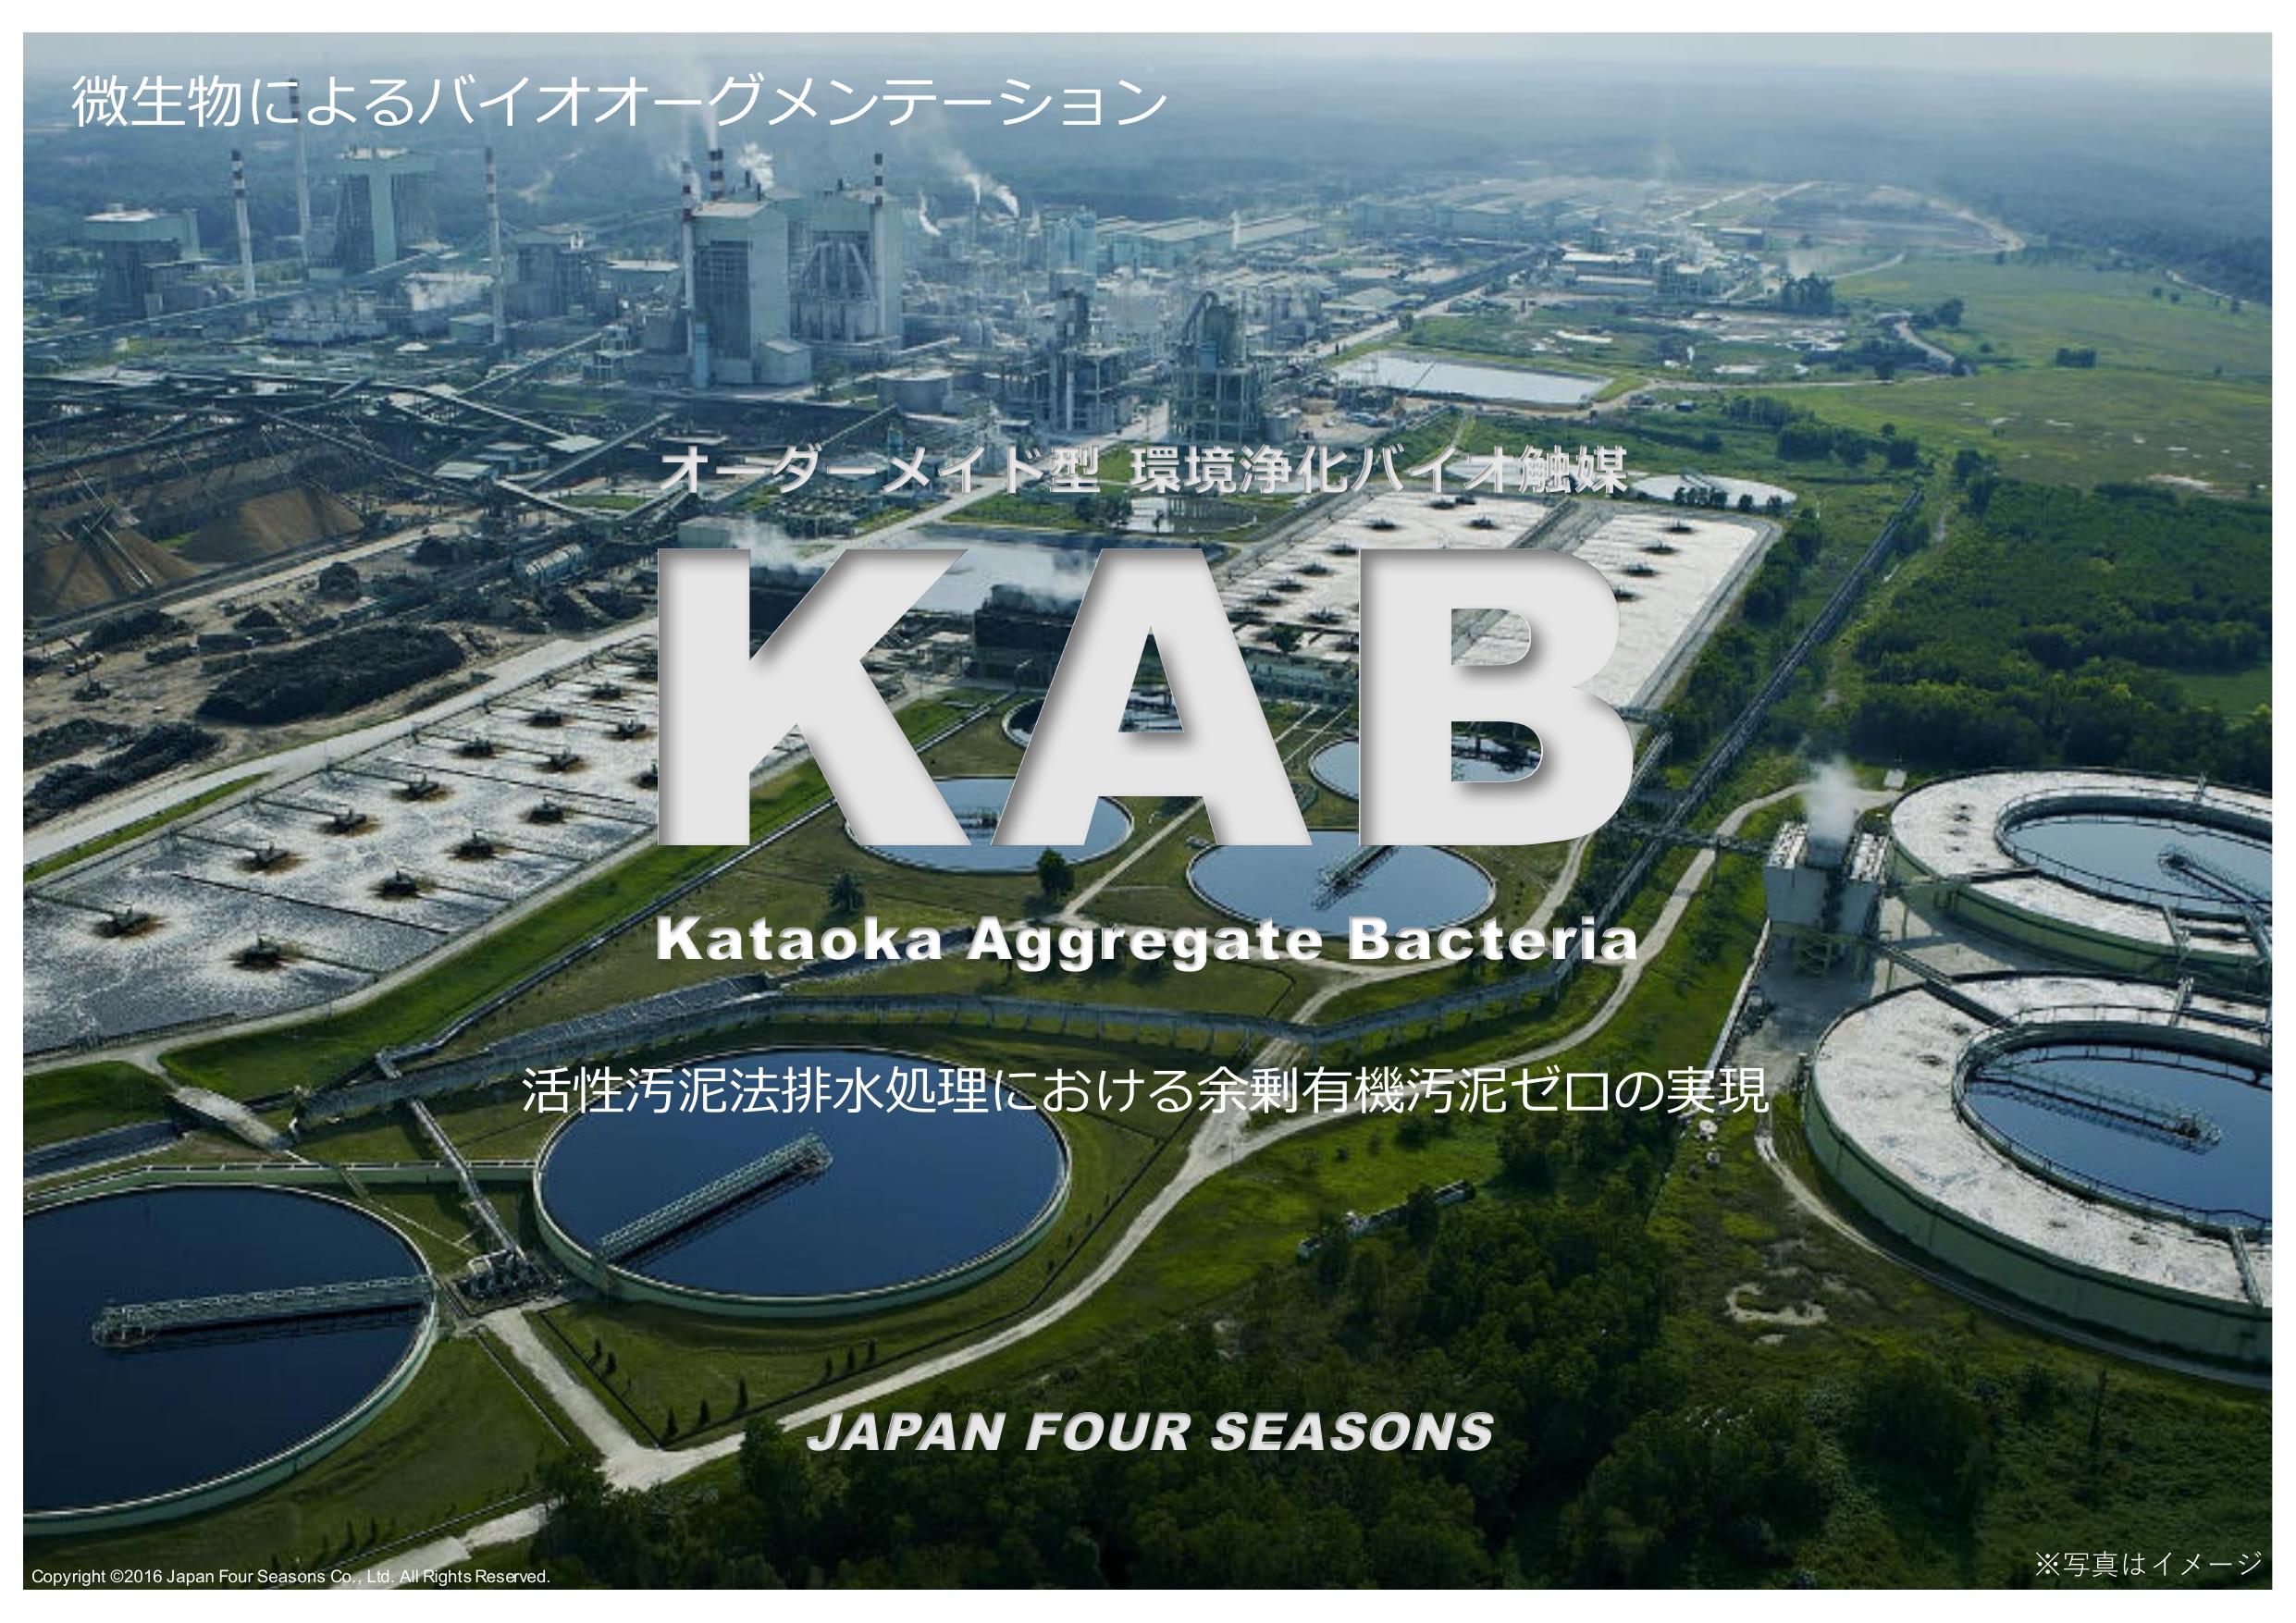 【導入事例/メリット】オーダーメイド型 環境浄化バイオ触媒「KAB」